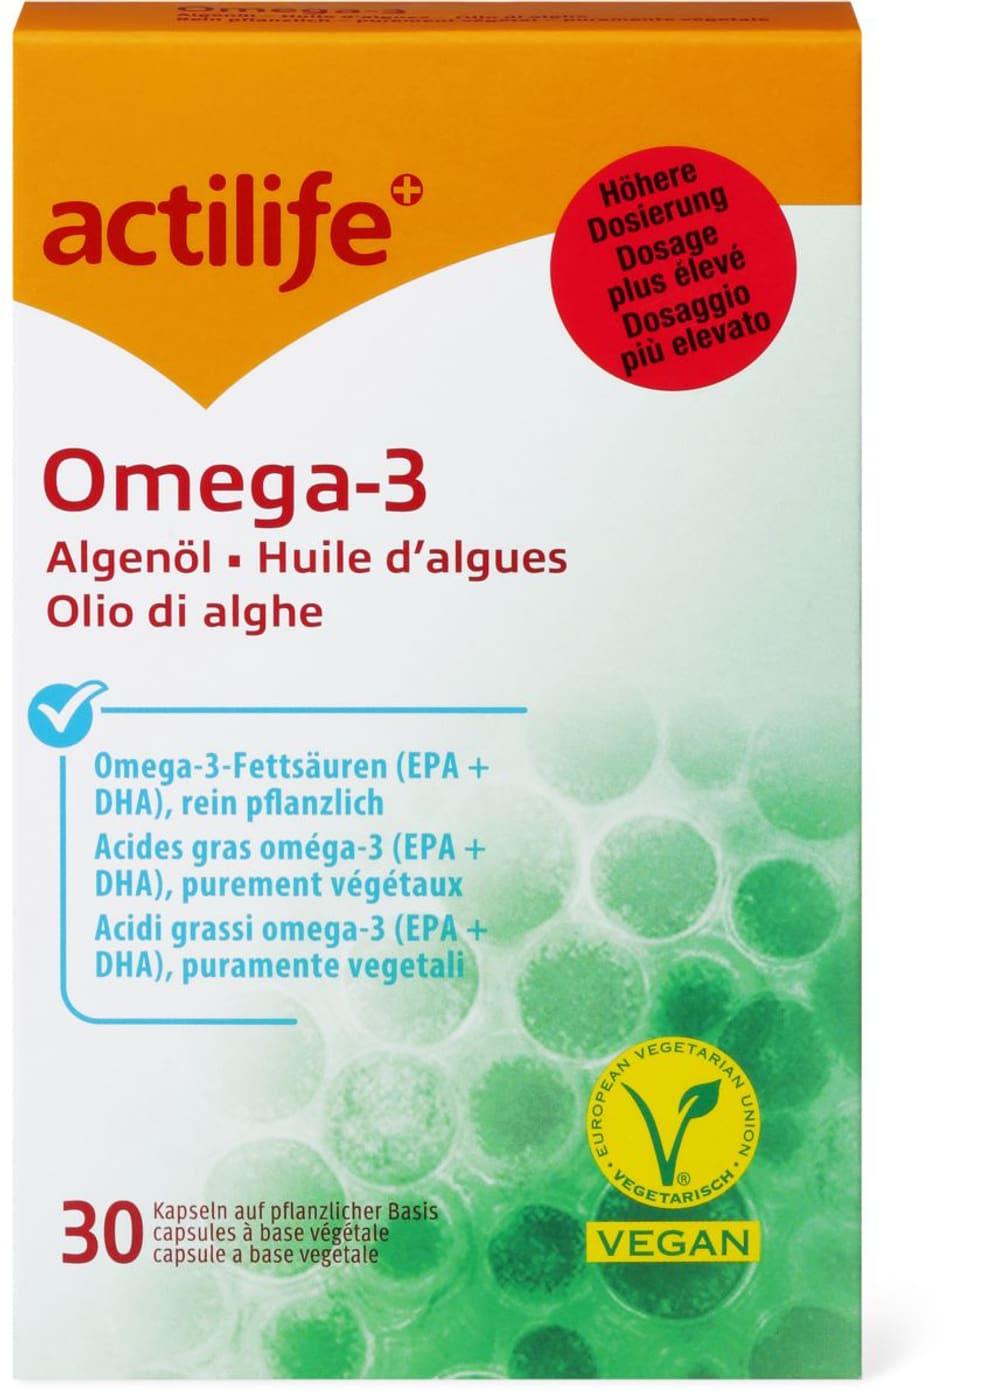 actilife omega 3 algen l migros. Black Bedroom Furniture Sets. Home Design Ideas